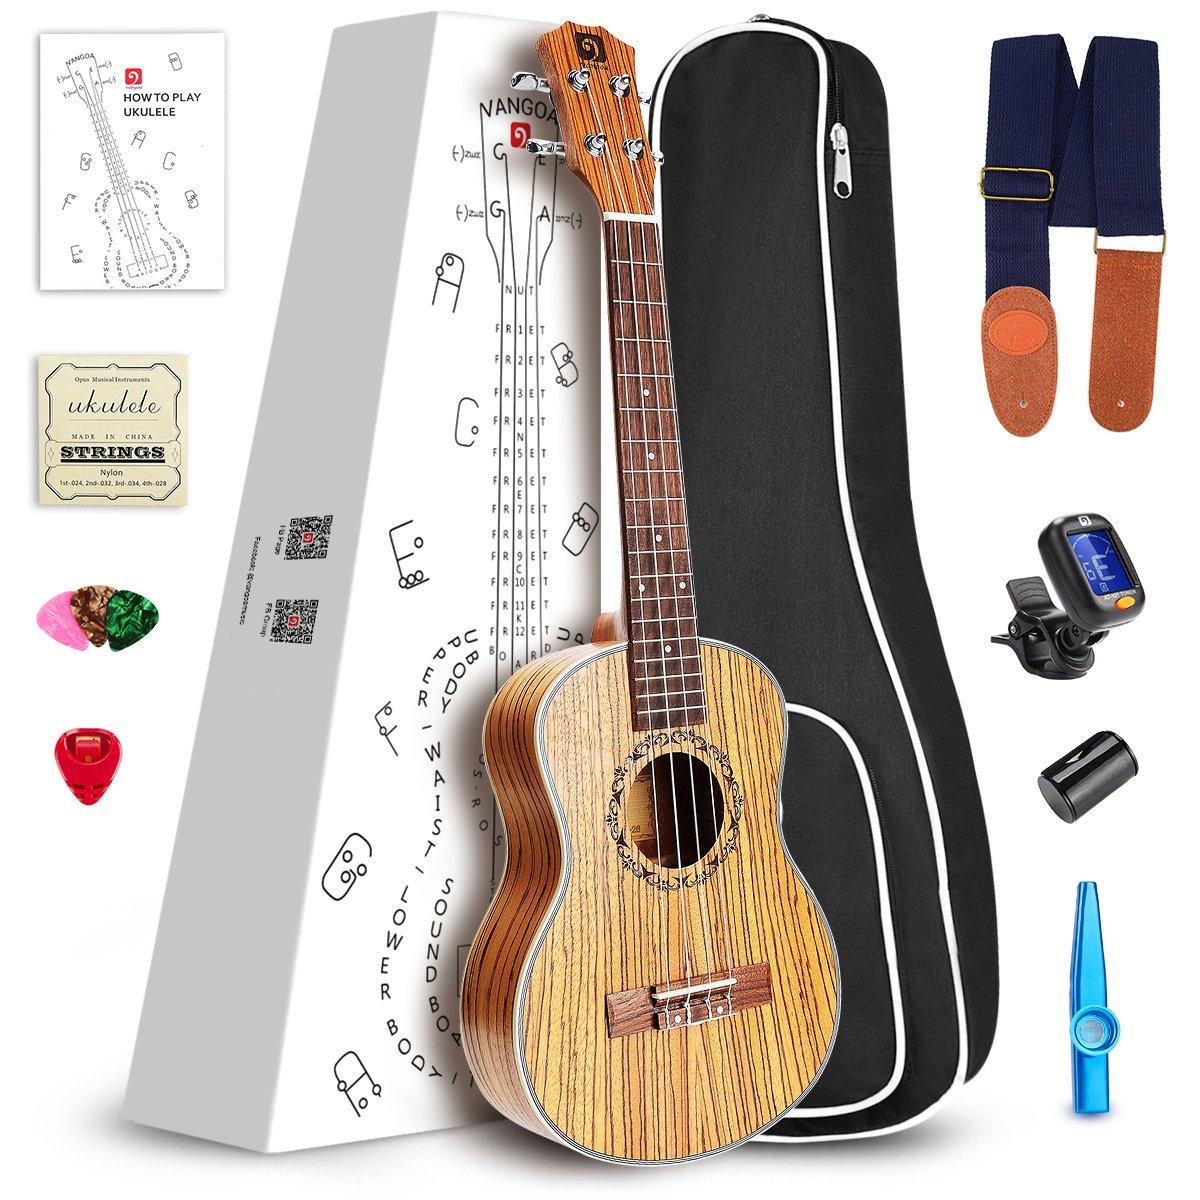 Vangoa Soprano Ukulele Zebra Wood UK-21Z 21 inch Acoustic Ukulele Beginner Bundle with Picks, Nylon Strap, Pick Container, Tuner, Kazoo, Extra Strings, Finger Shaker and Gig Bag